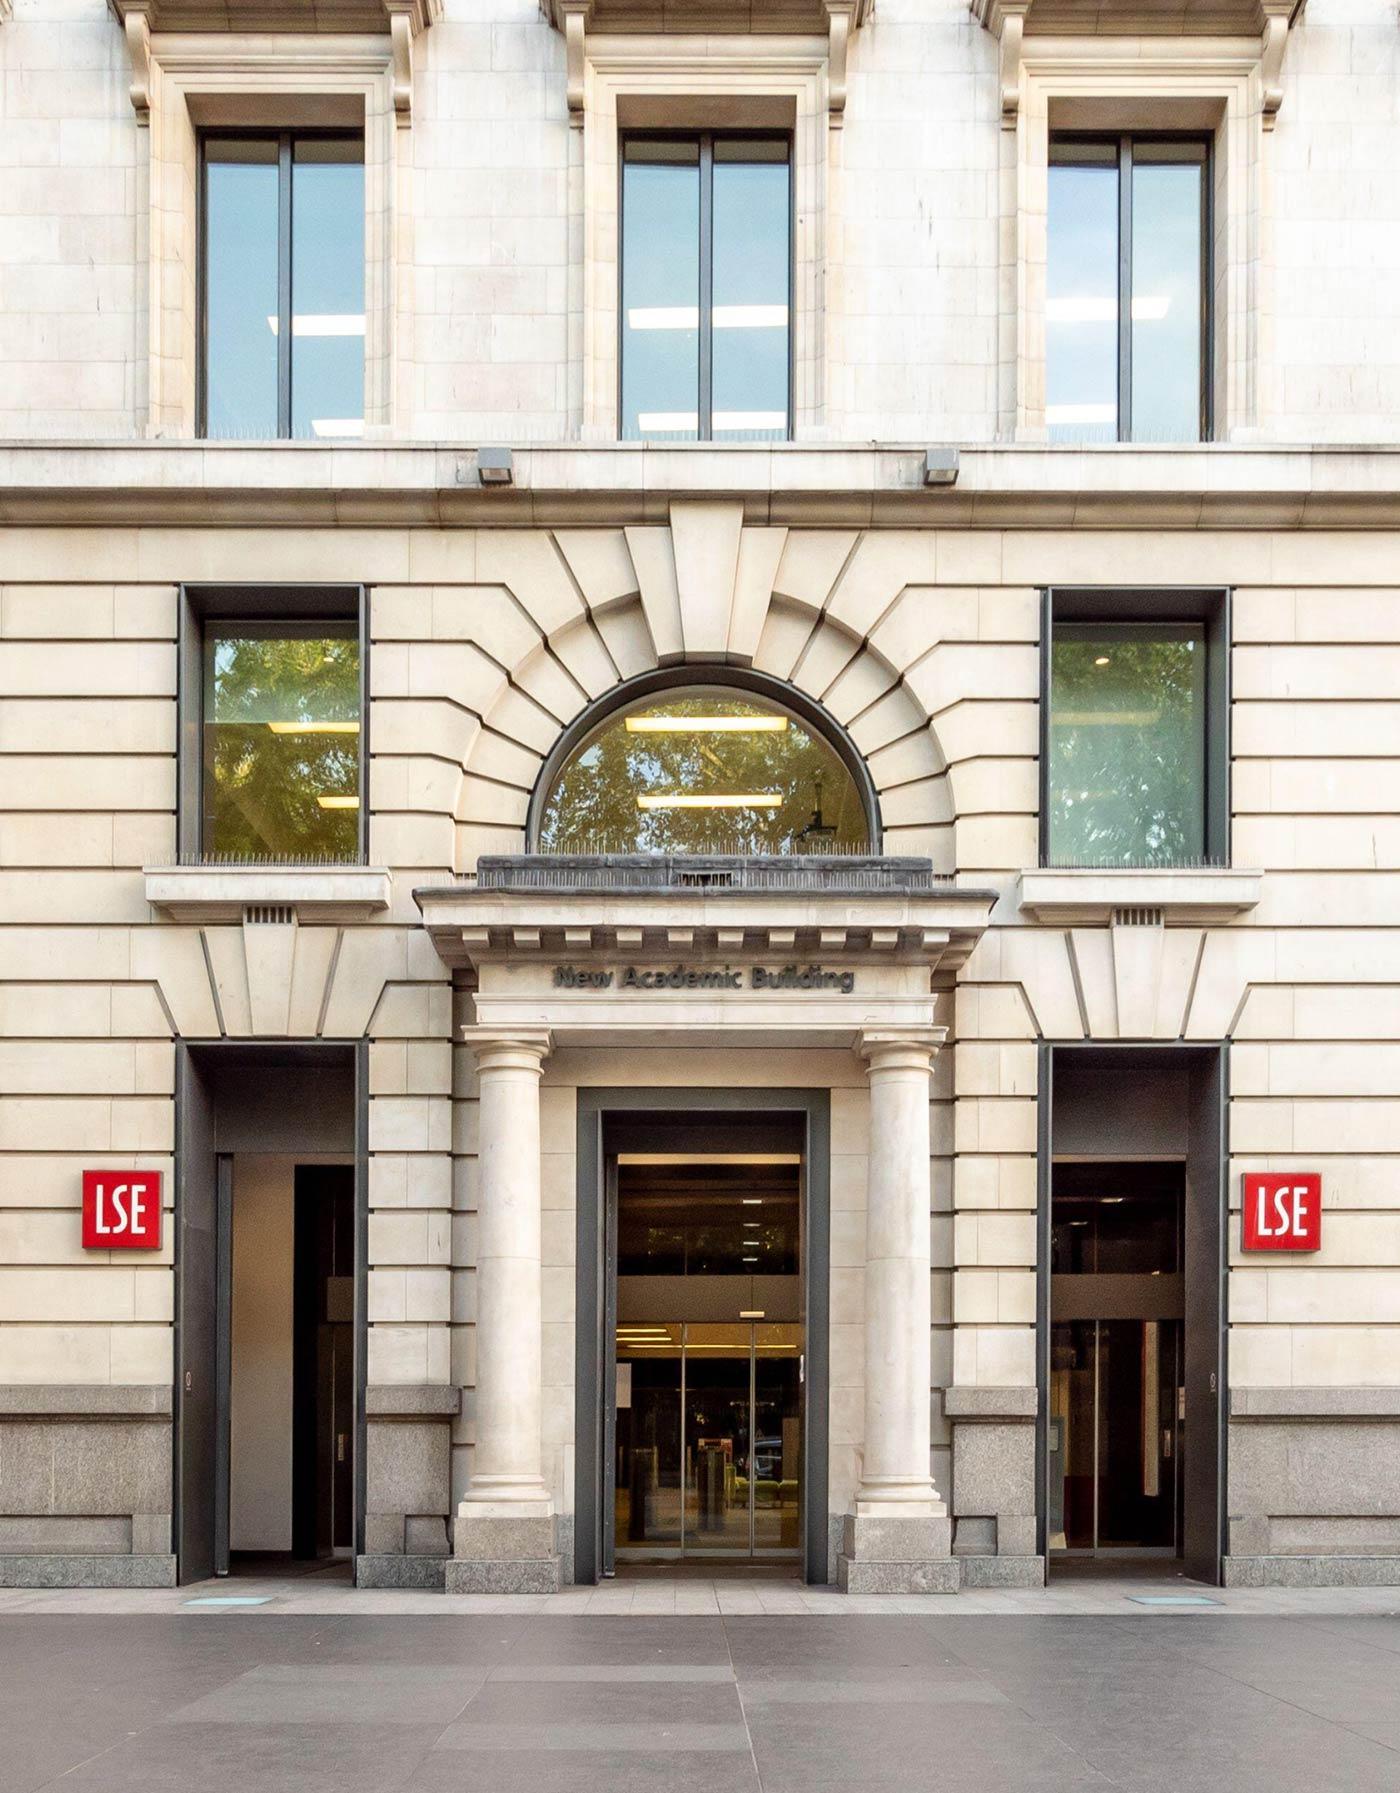 London School of Economics – 23 min walk / 28 min (Old St, Northern)